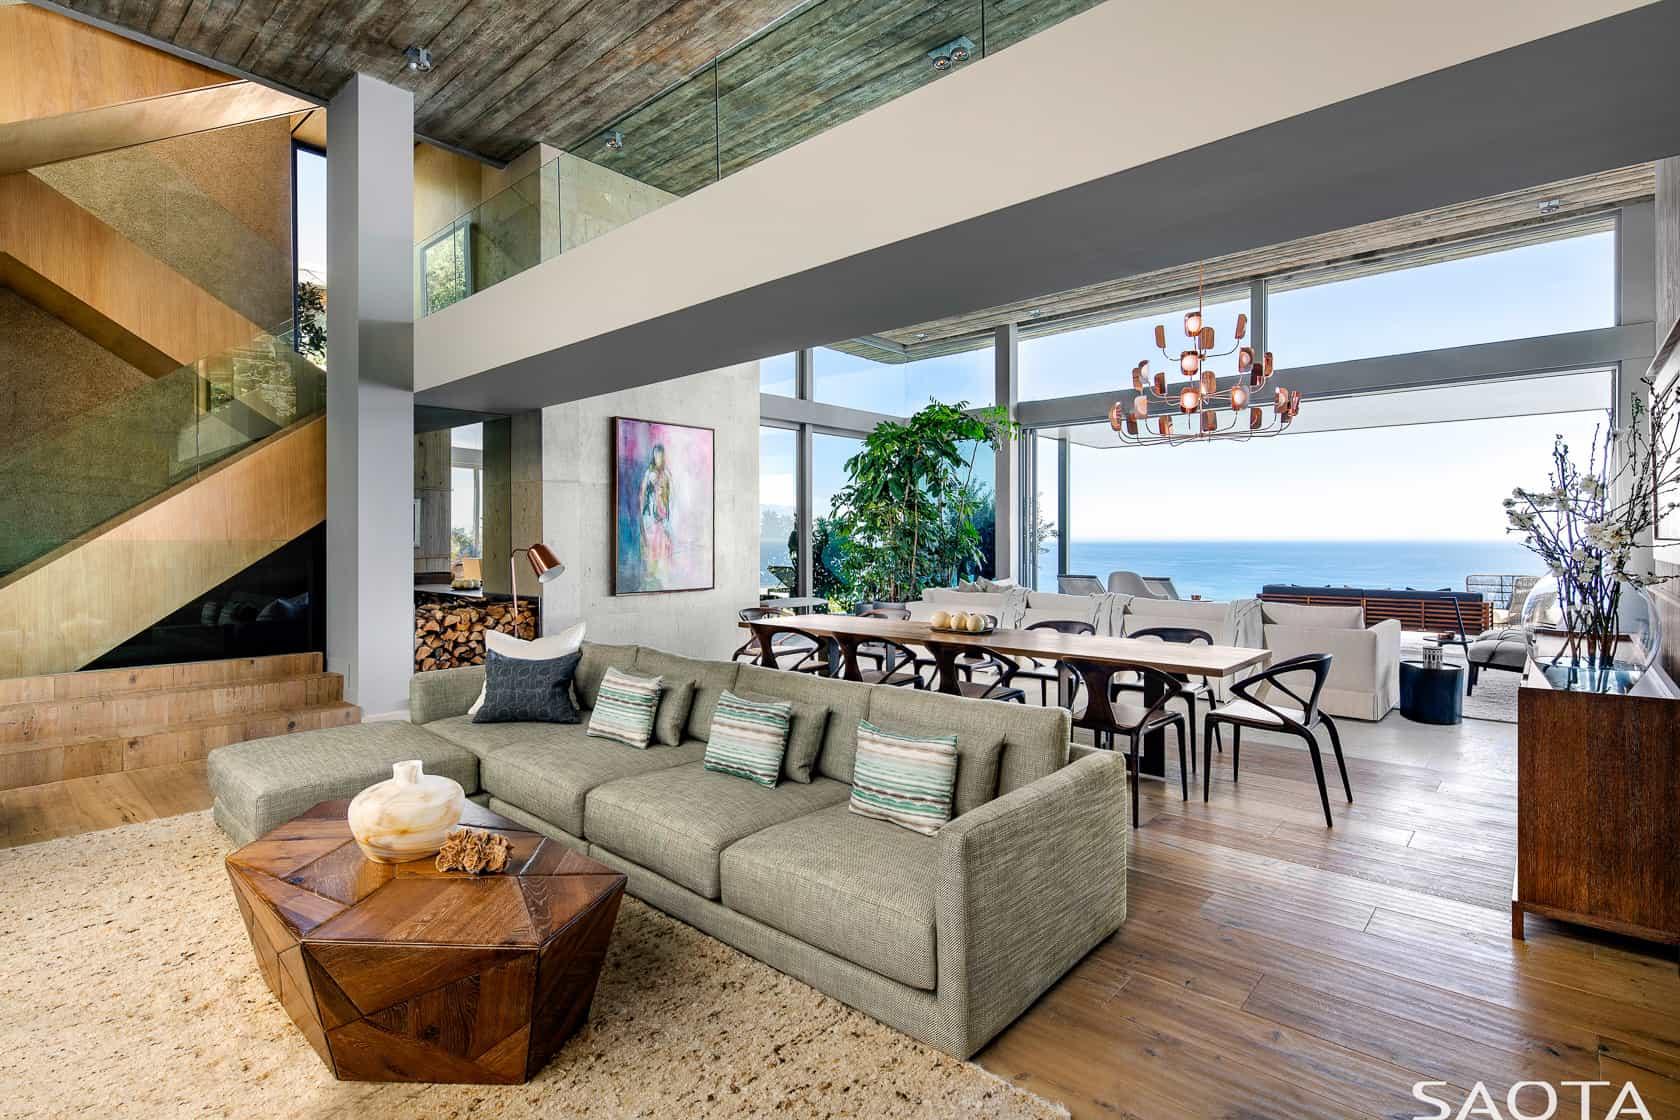 20 Contemporary Homes Exterior And Interior Examples Ideas Photos